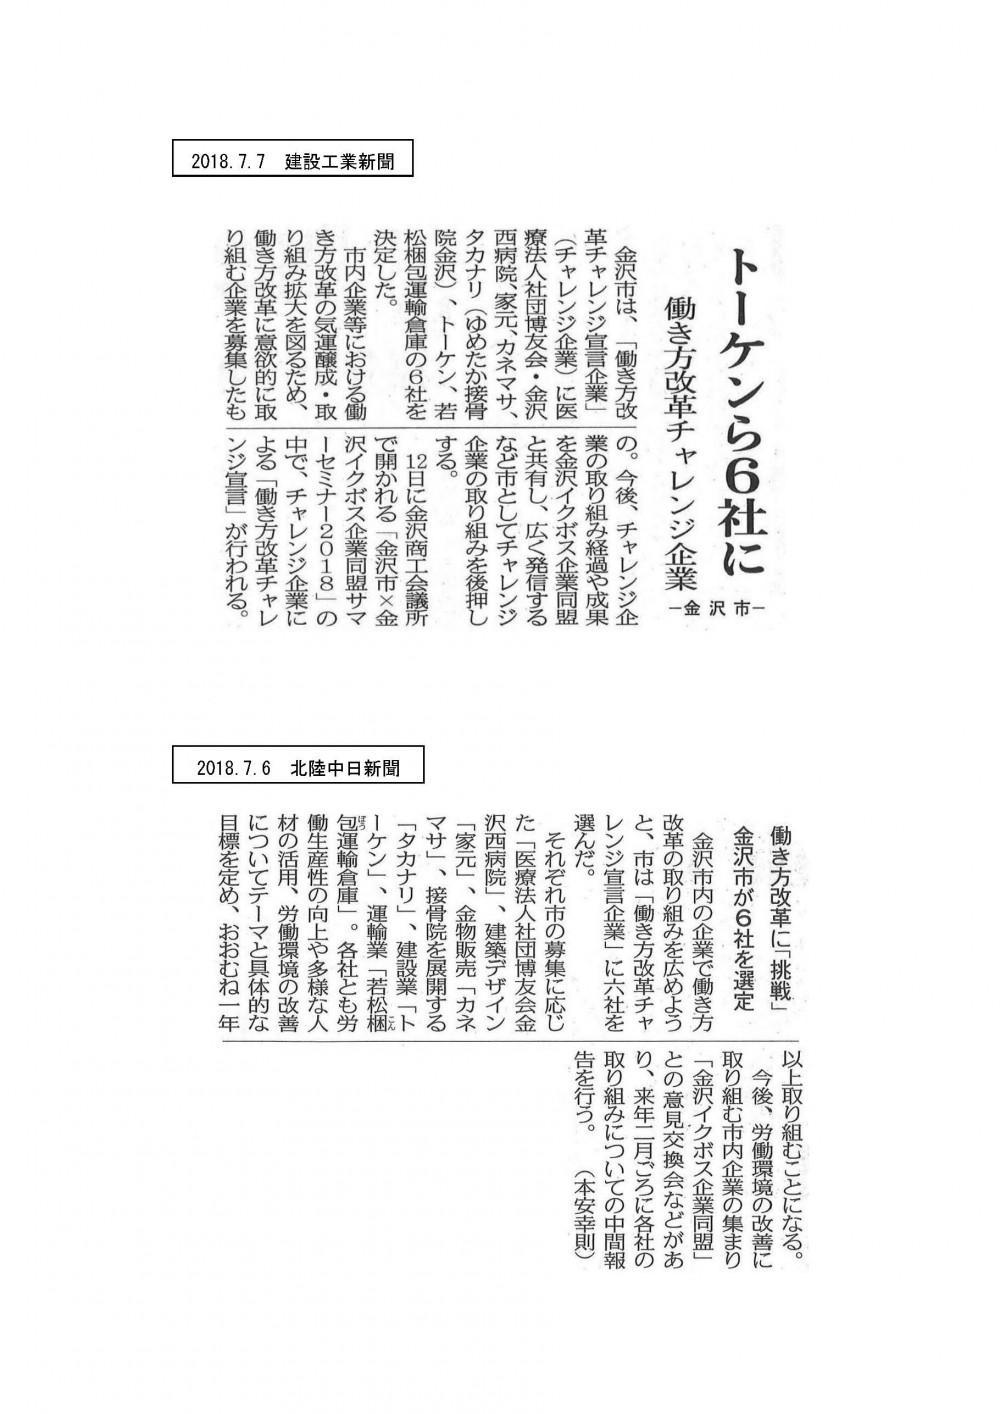 20180706-07_「働き方改革チャレンジ宣言企業」(建工・中日)